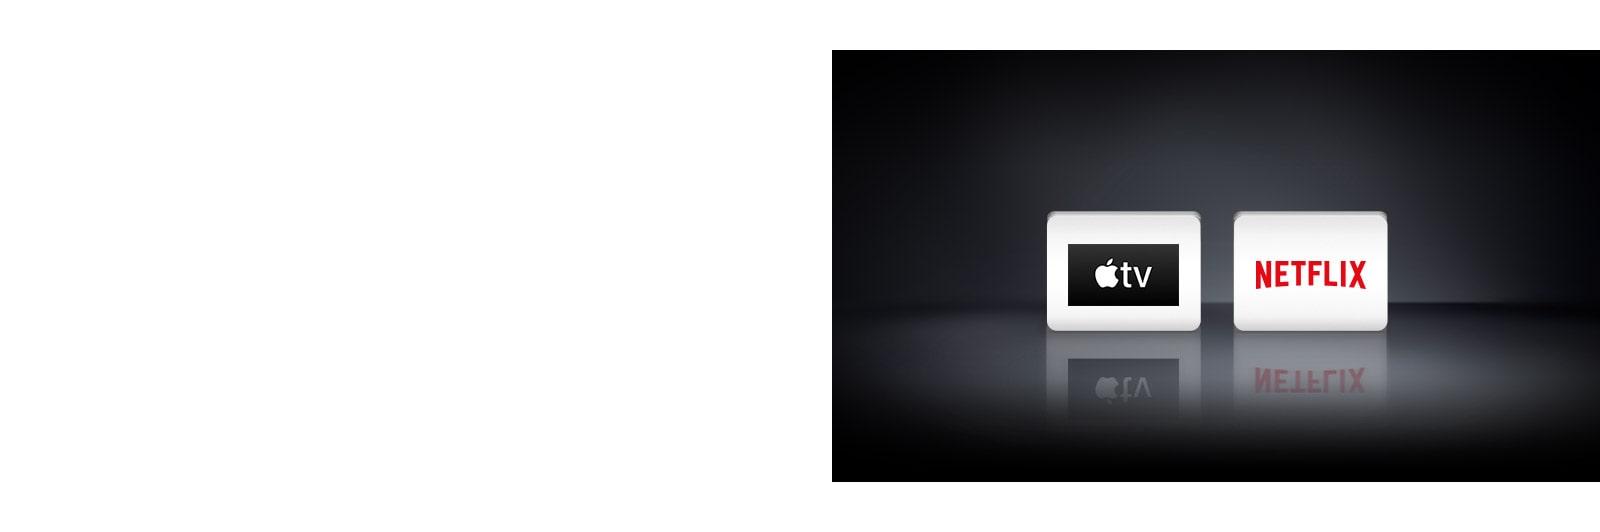 Dva logotipa aplikacija prikazana slijeva nadesno: aplikacija Apple TV i Netflix.